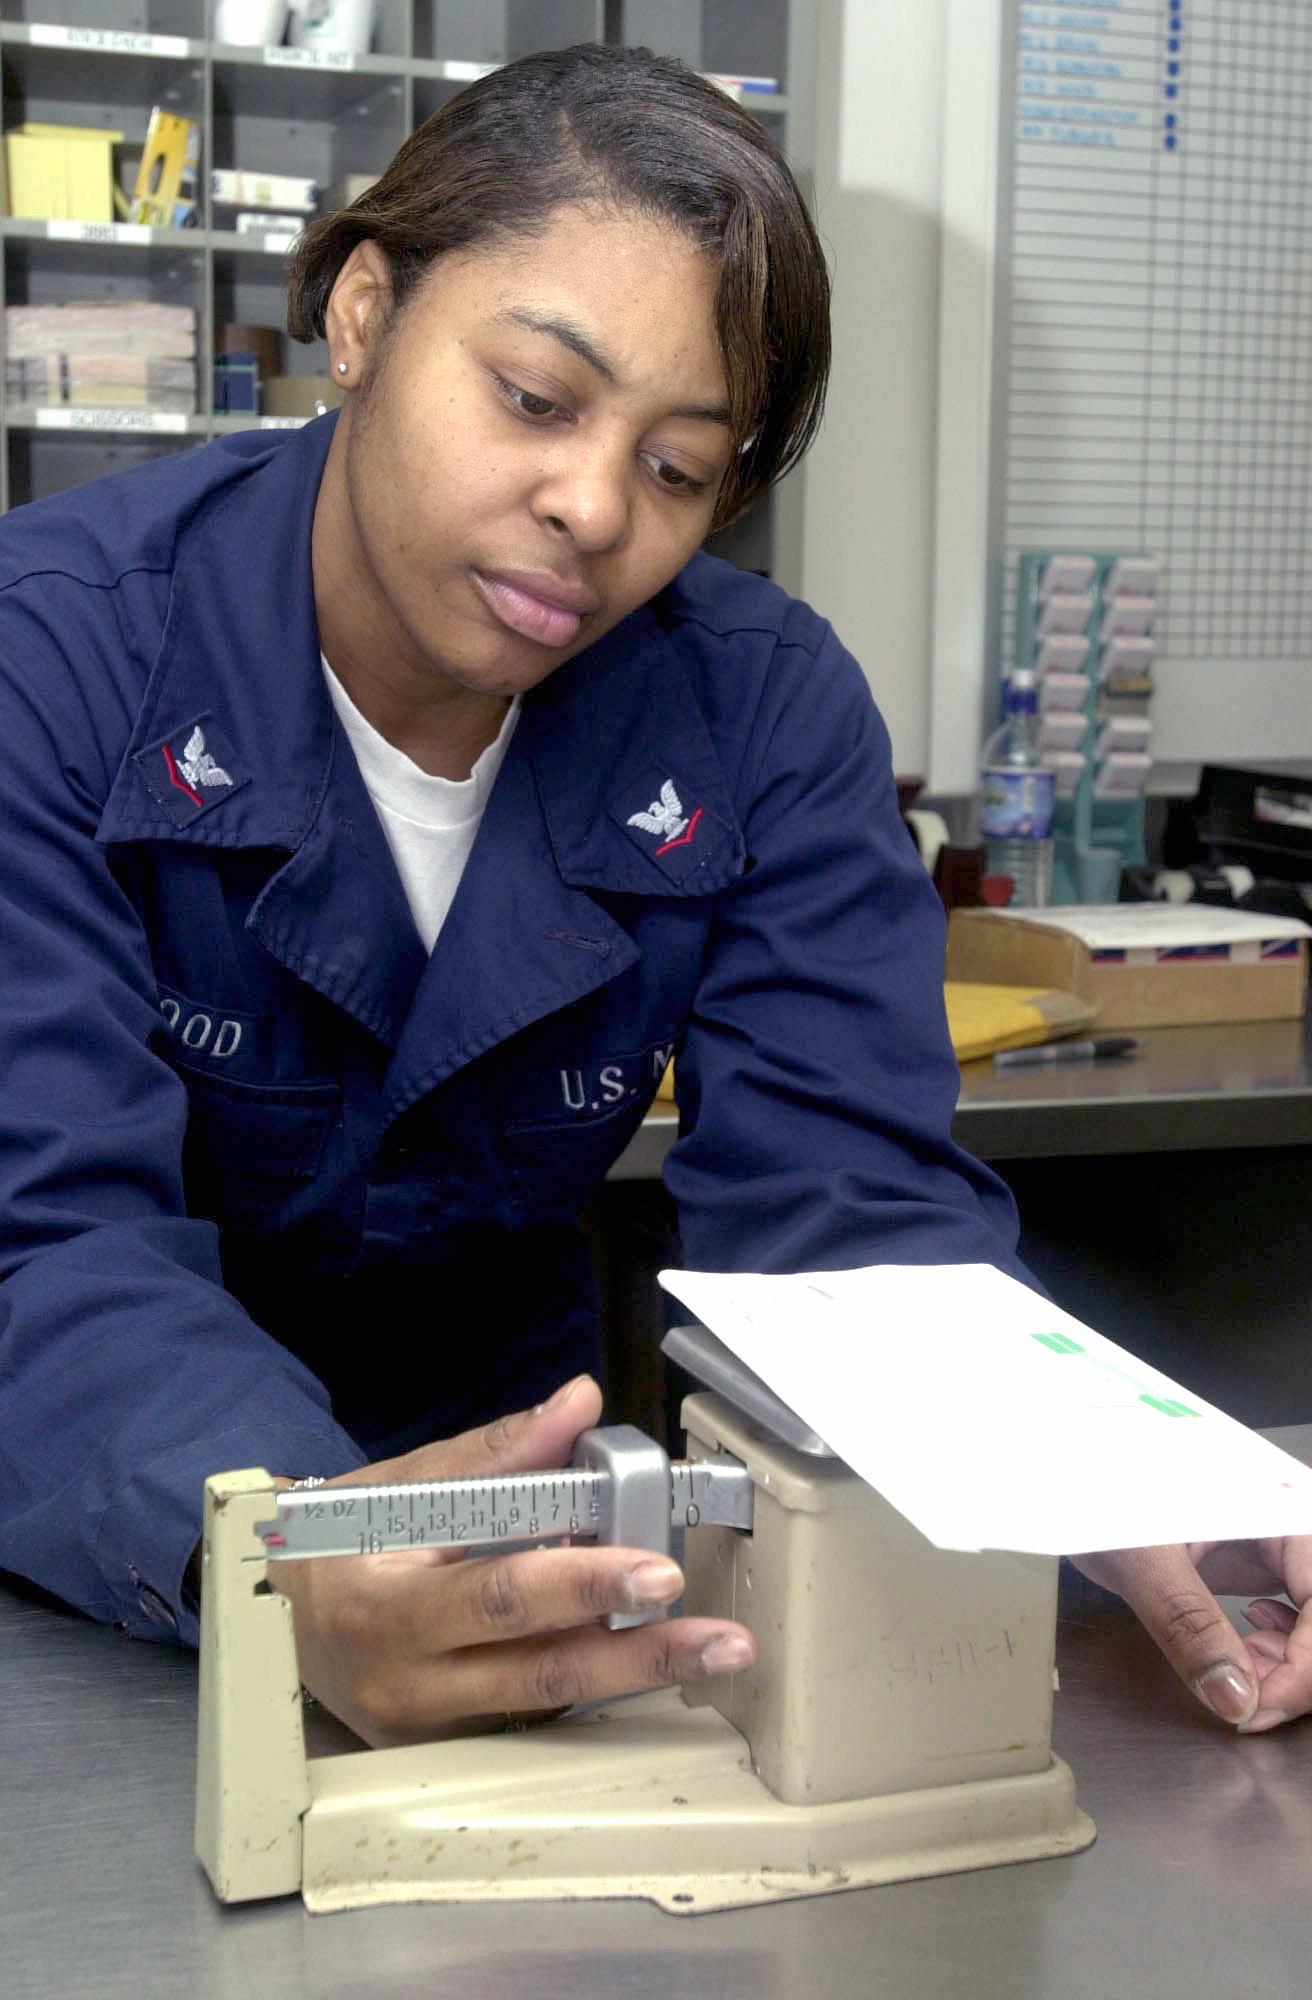 file us navy n j a u s navy postal clerk checks file us navy 030119 n 8273j 003 a u s navy postal clerk